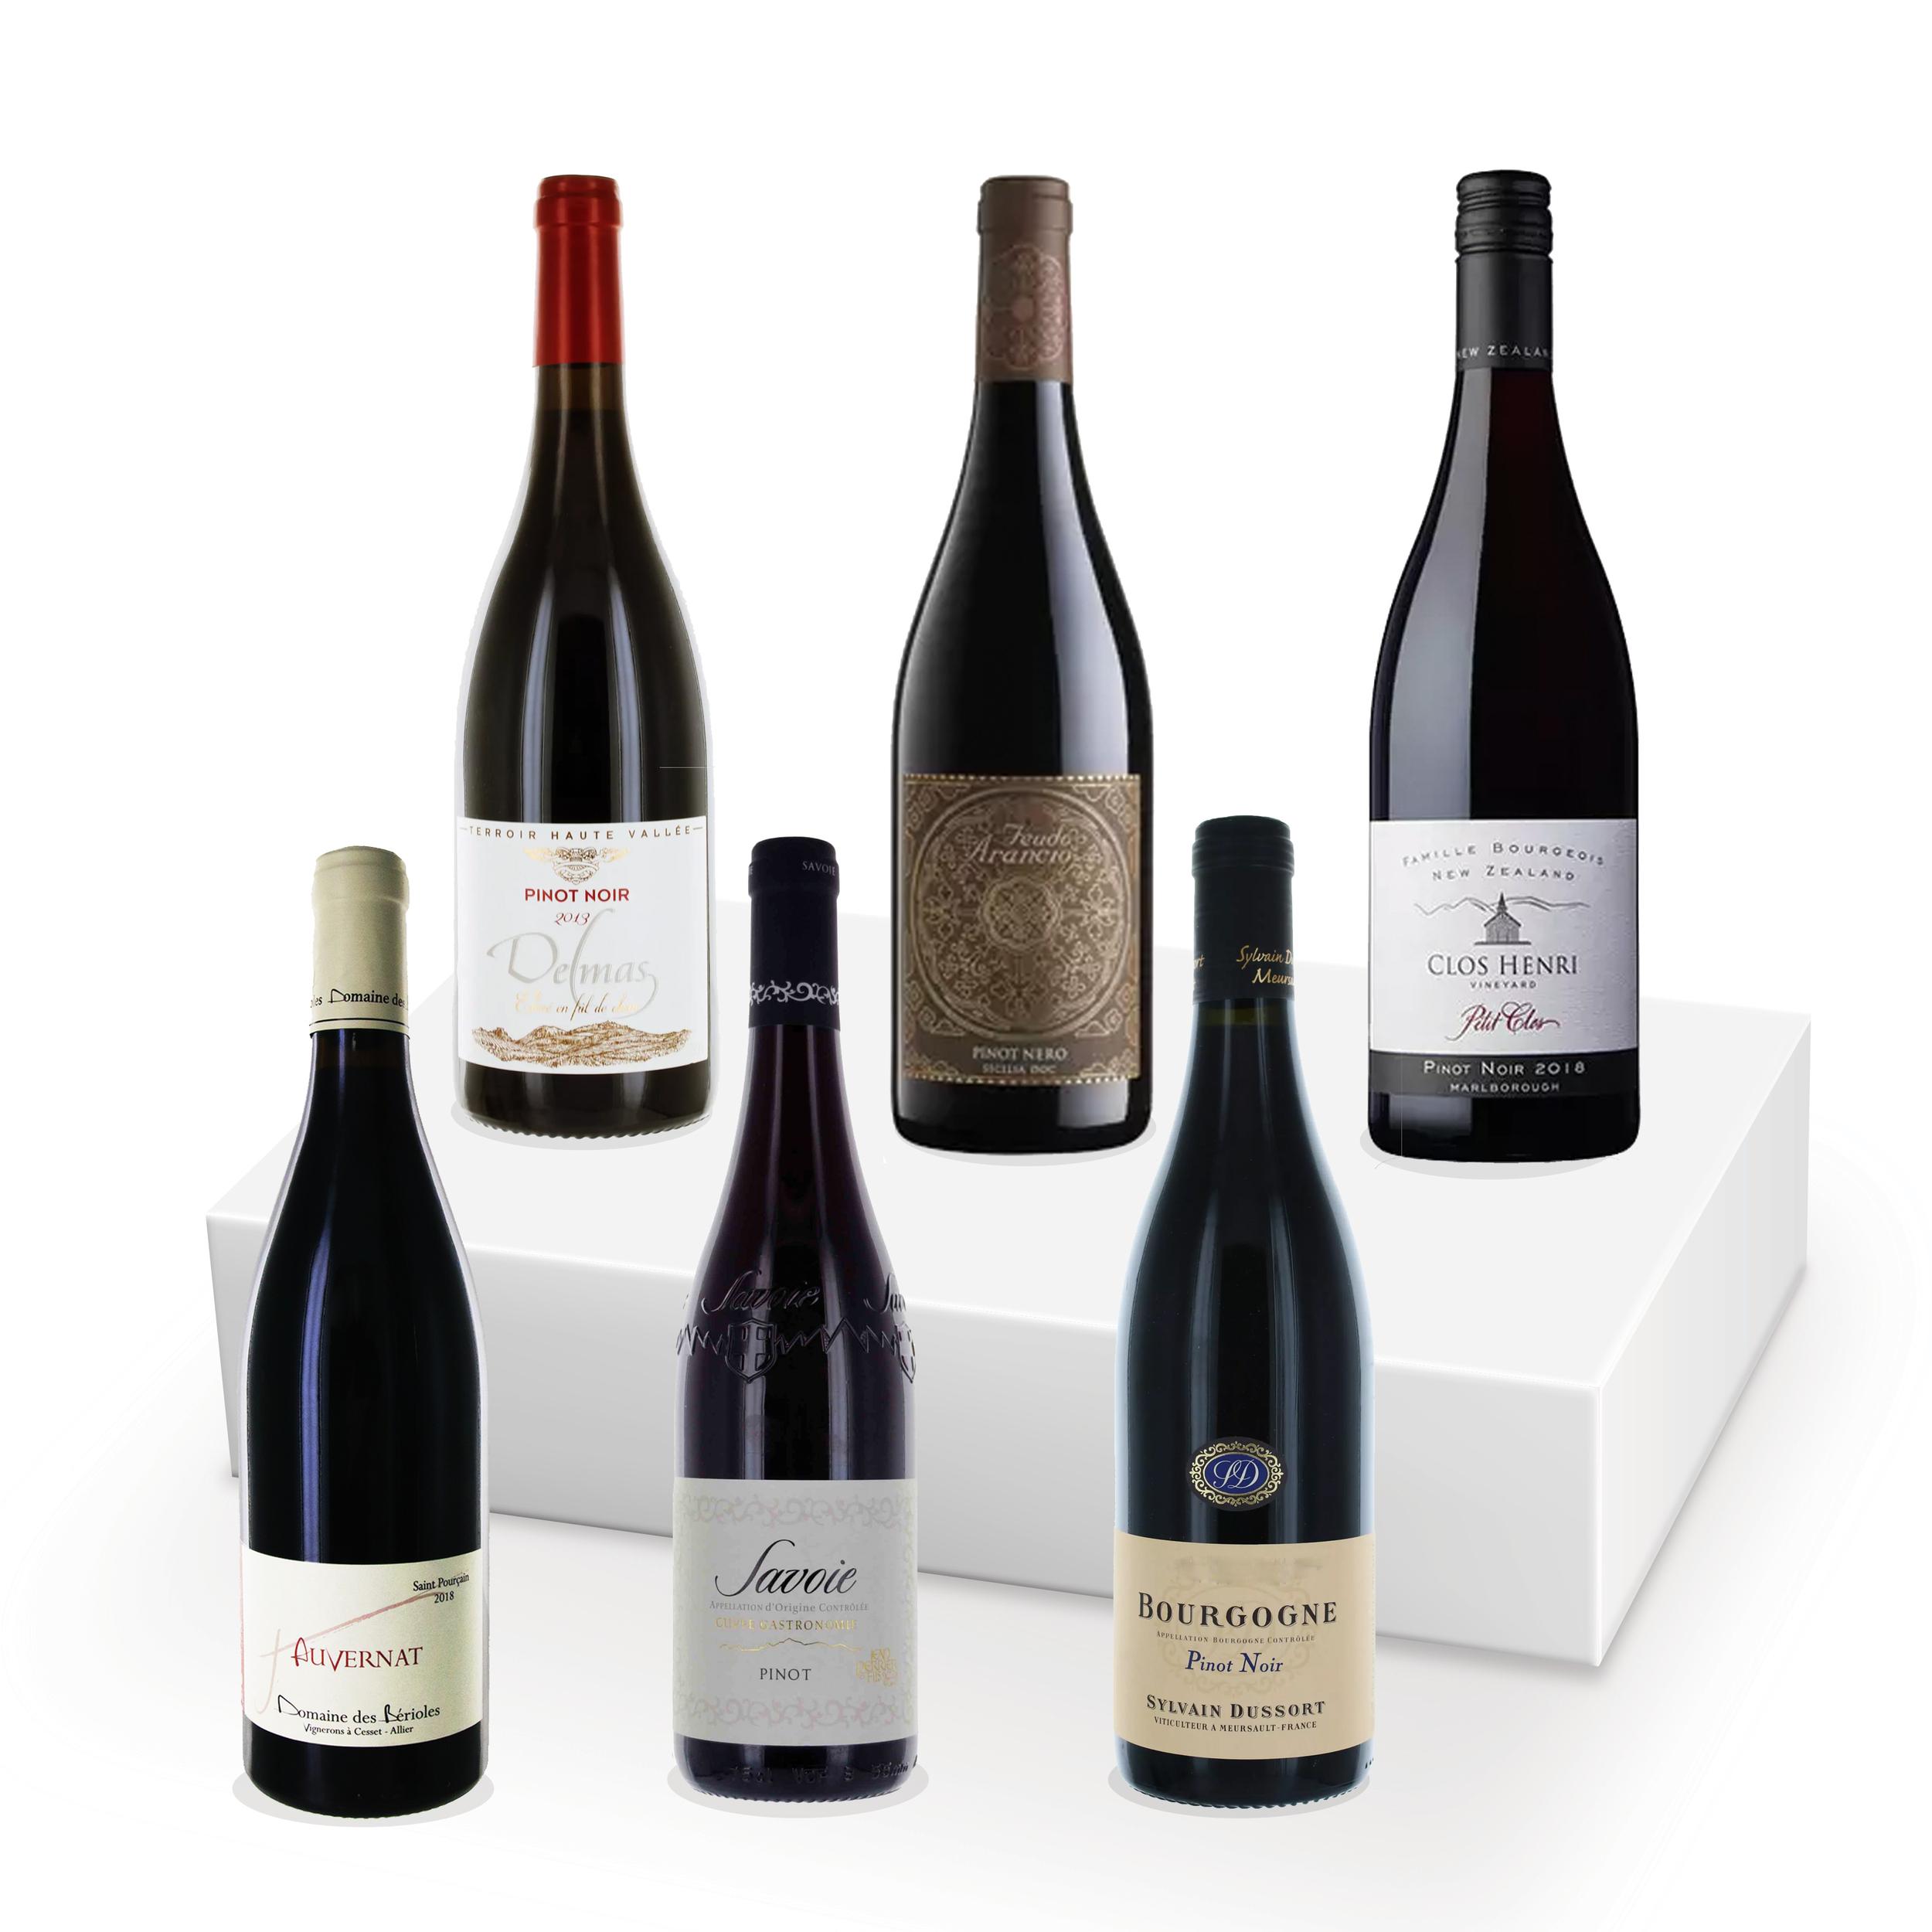 Coffret découverte - 100% Pinot Noir - 6 bouteilles